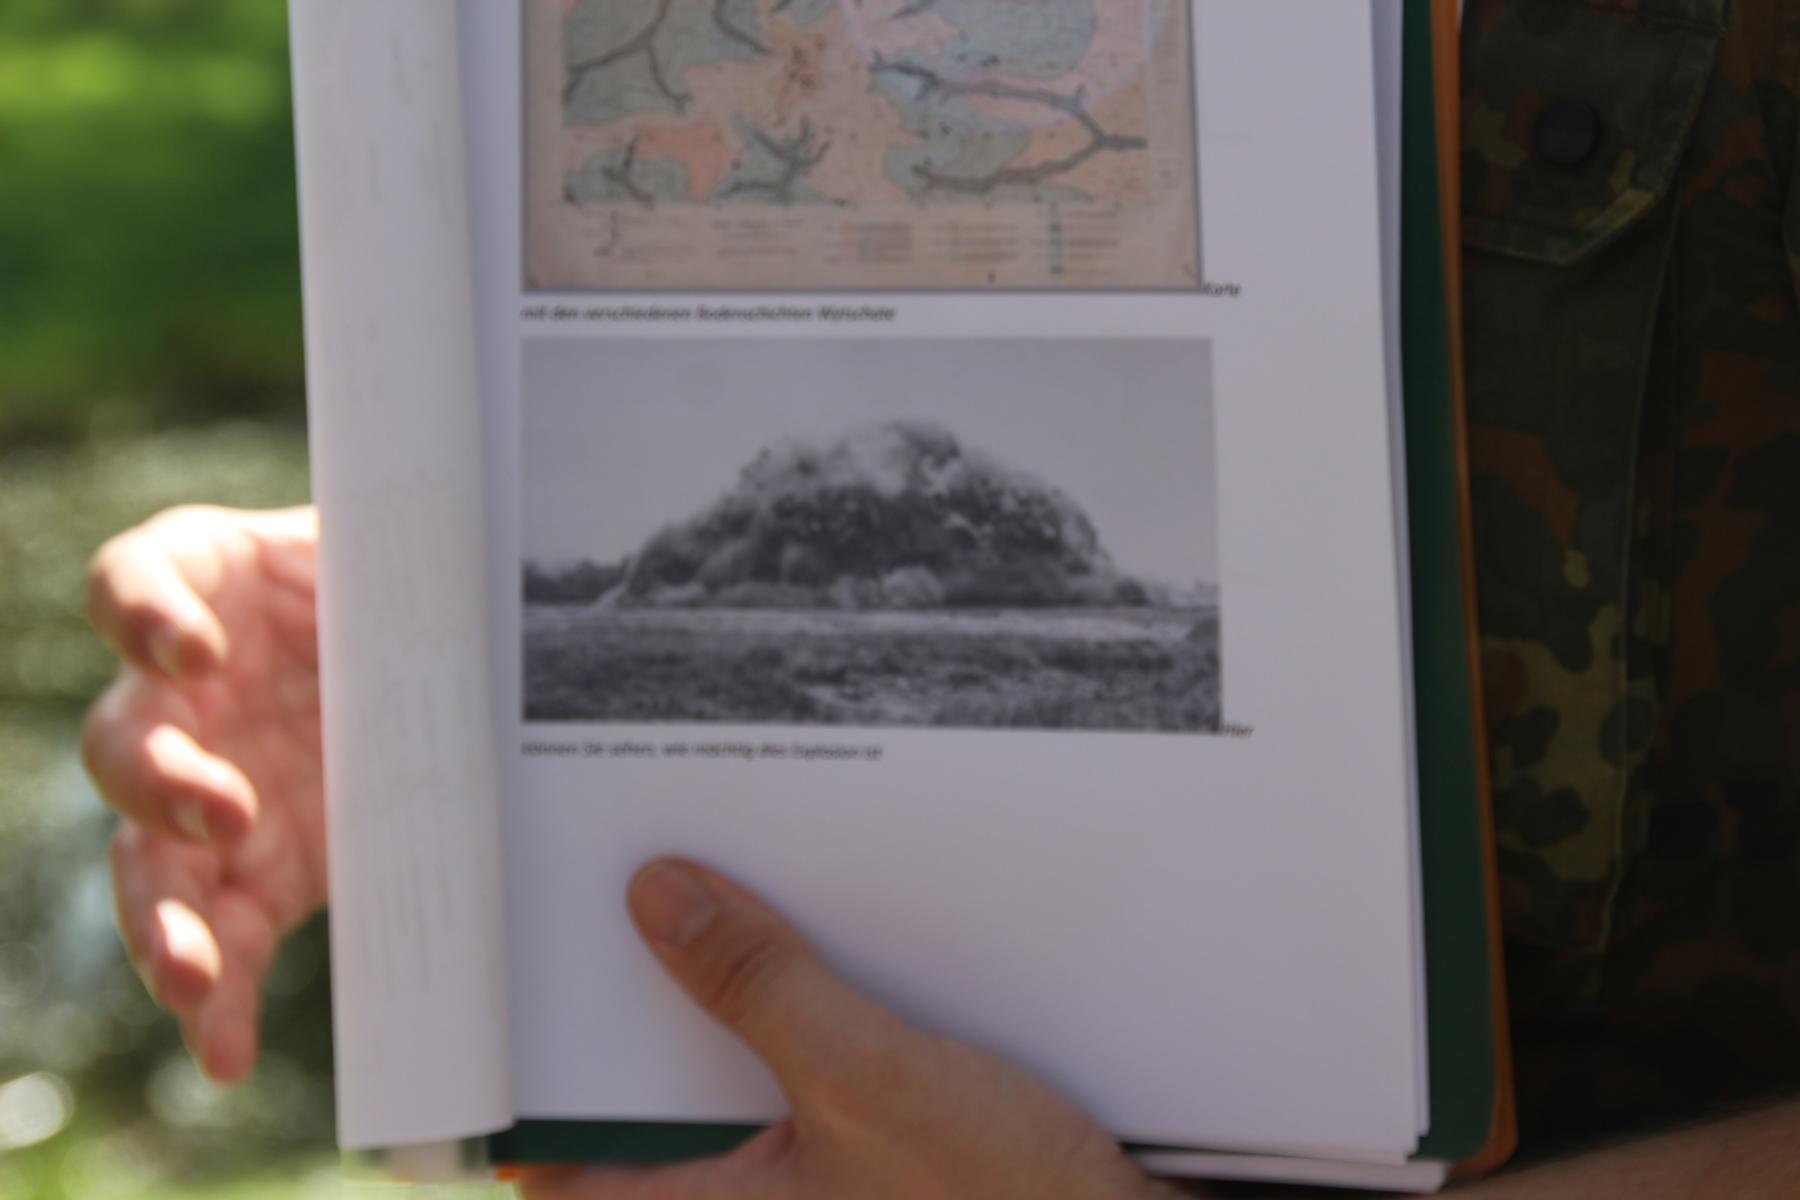 Hill 60/Caterpillar-Krater - Erklärung des Minenkrieges